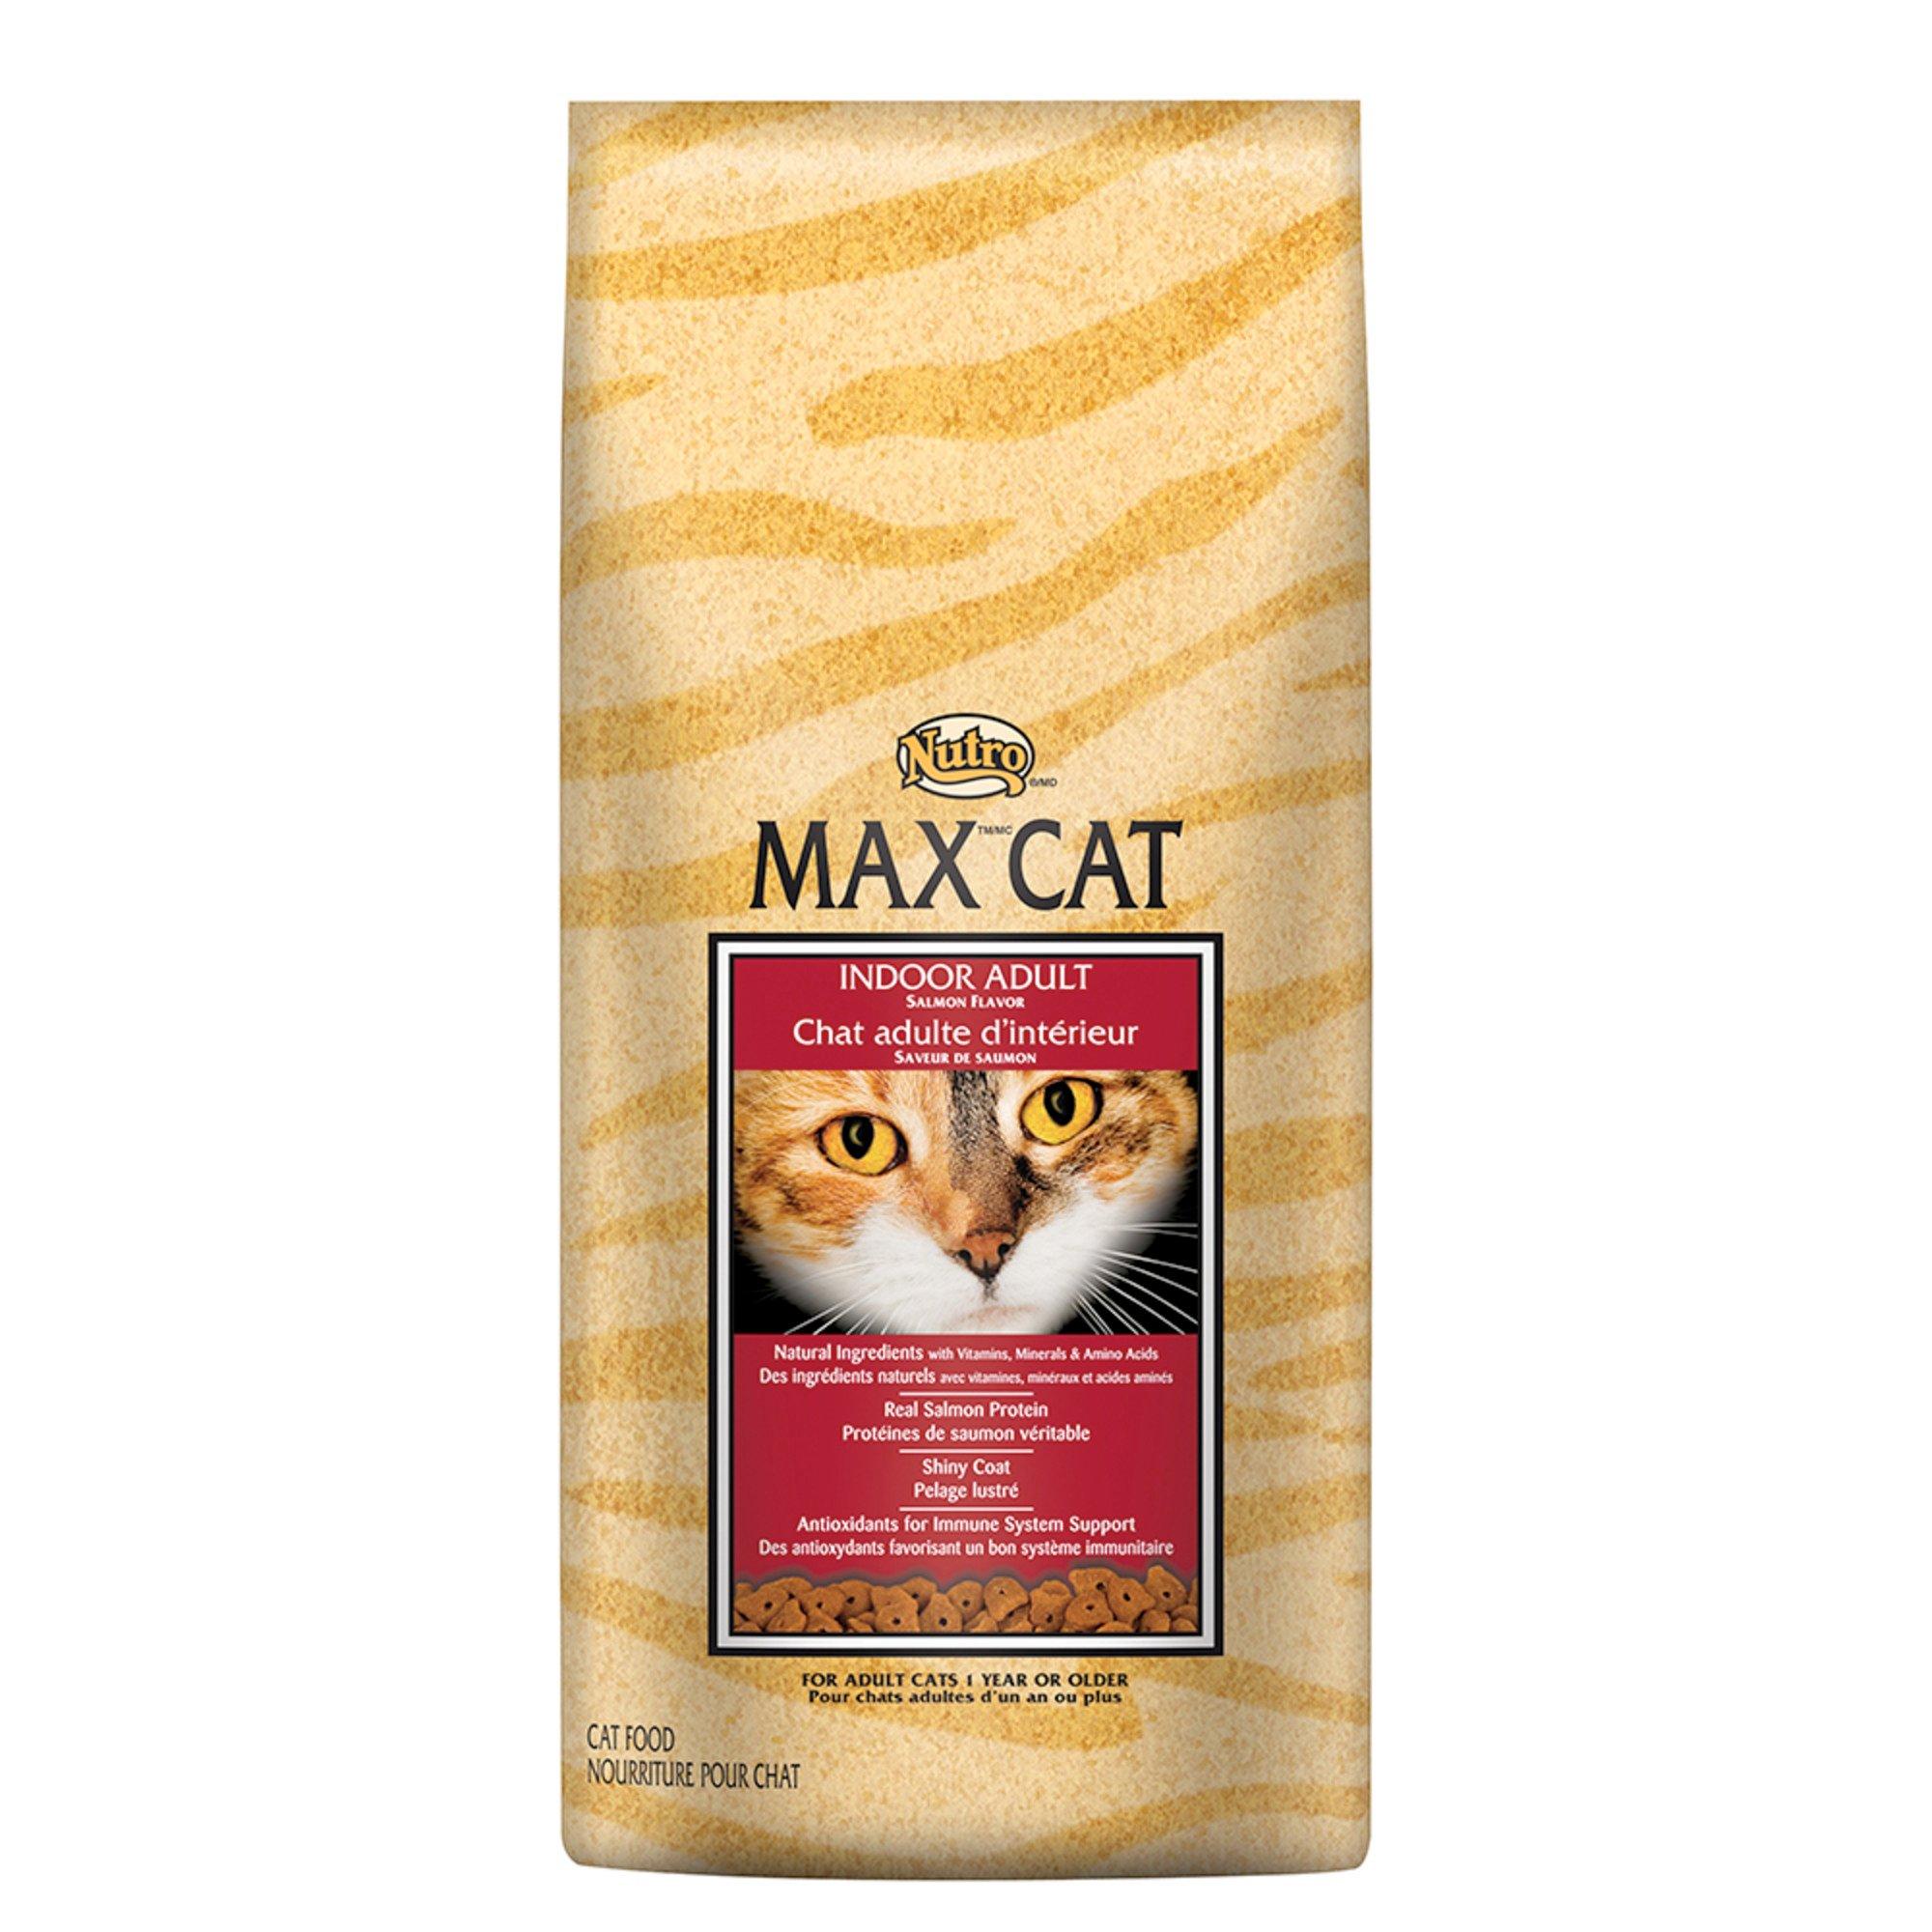 Nutro Max Cat Food Petco